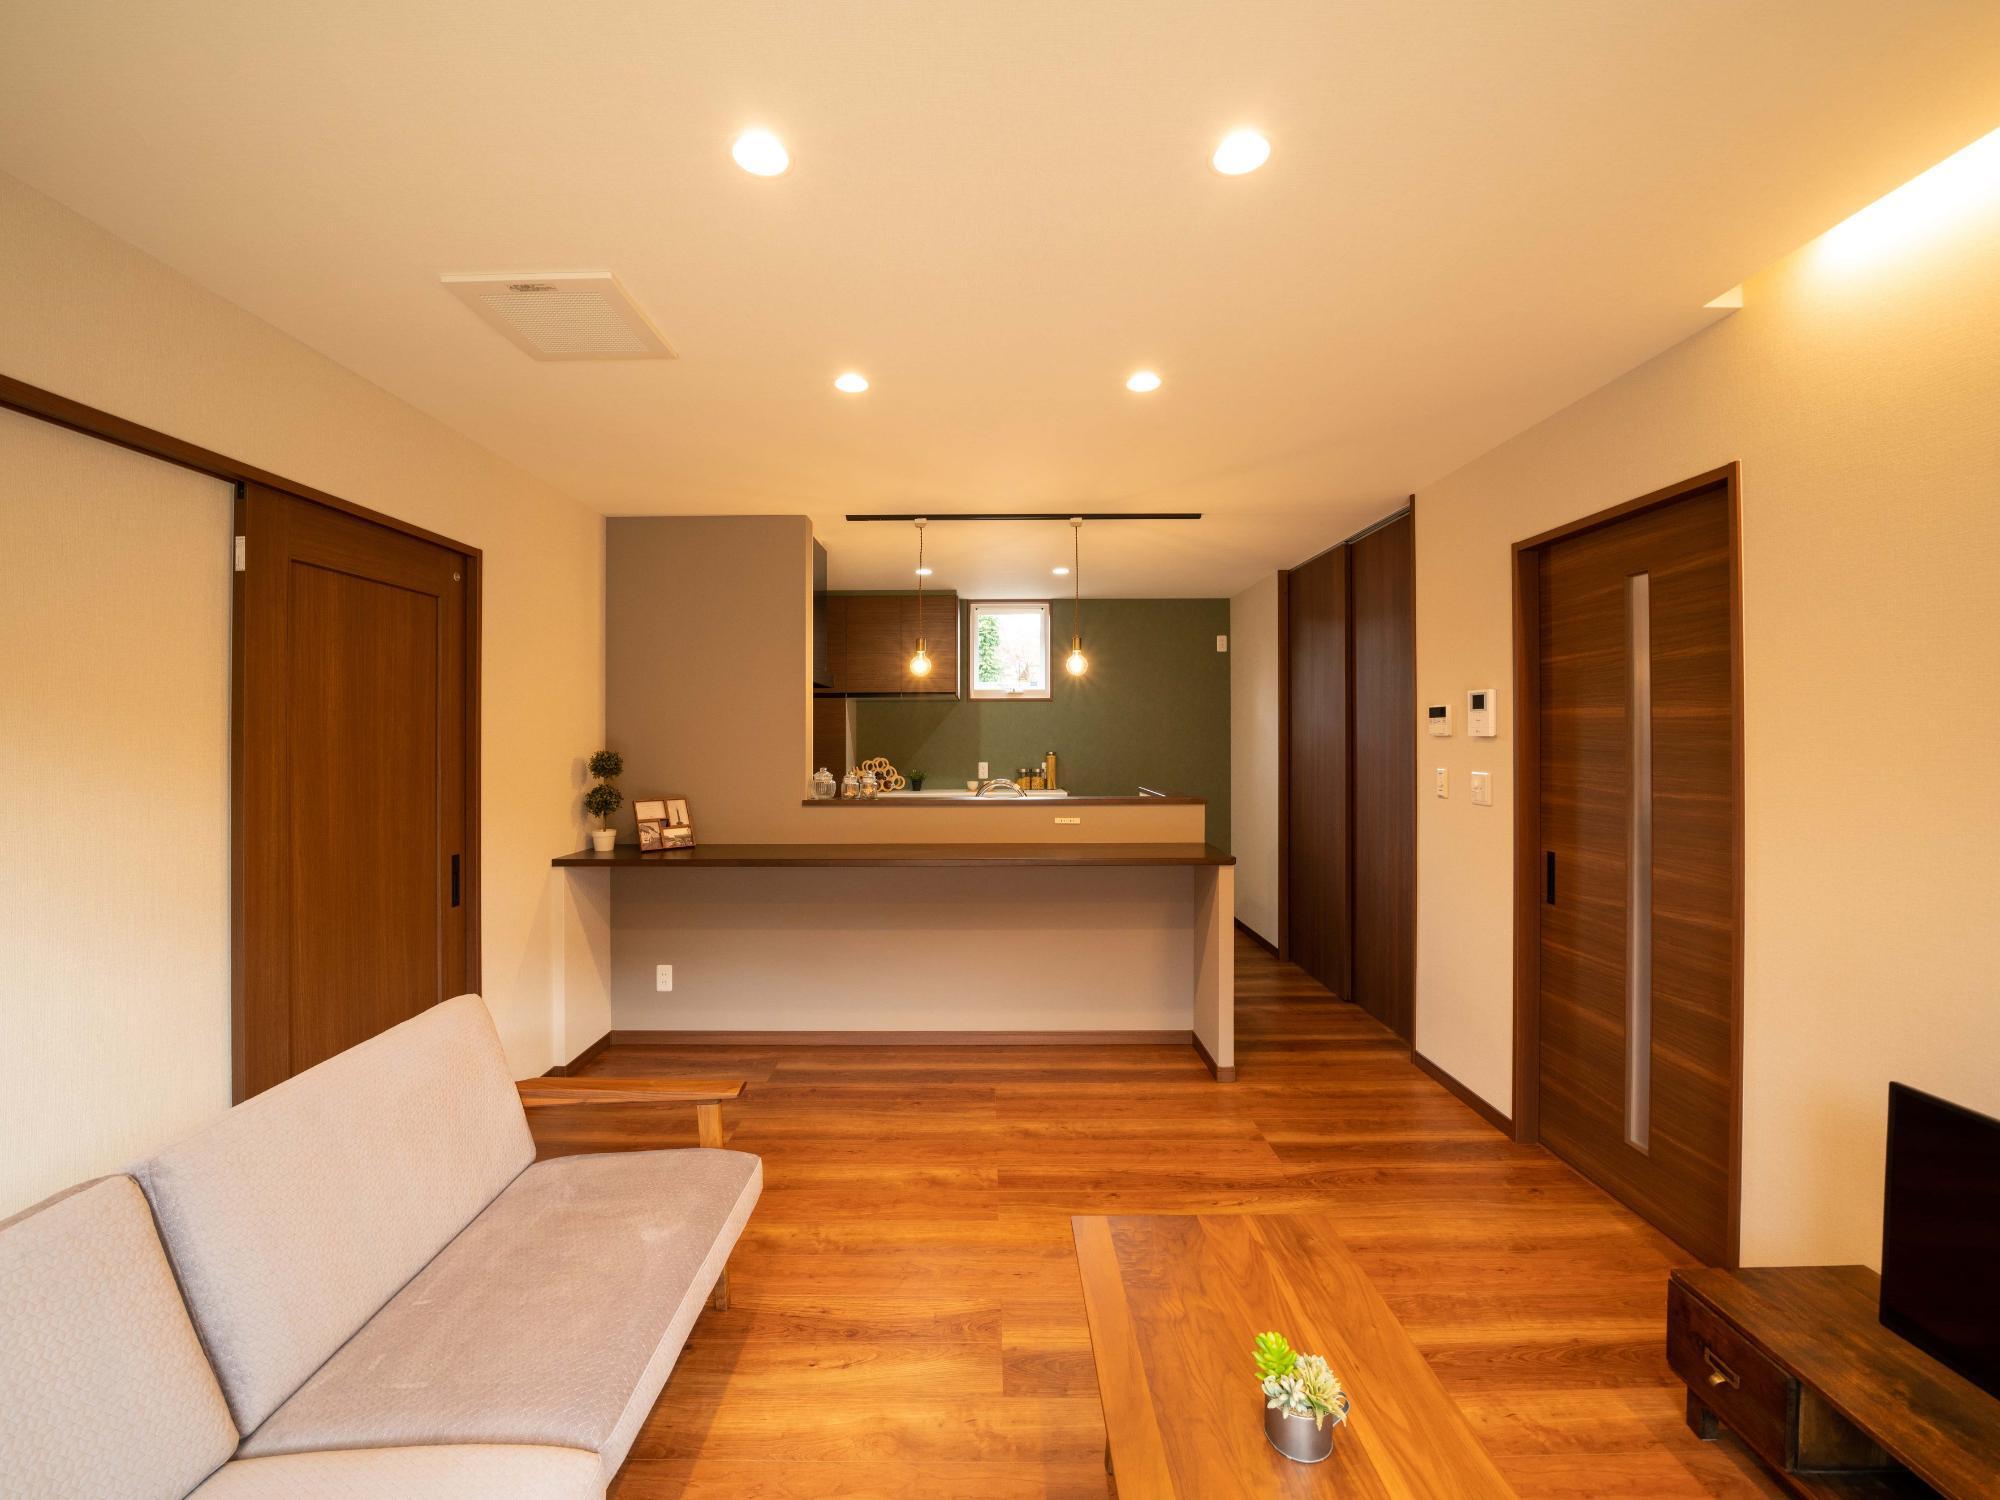 株式会社ハウジングシステム・トーア「未来の生活を考慮した楽しみを造り込む家」のシンプル・ナチュラルなリビング・ダイニングの実例写真